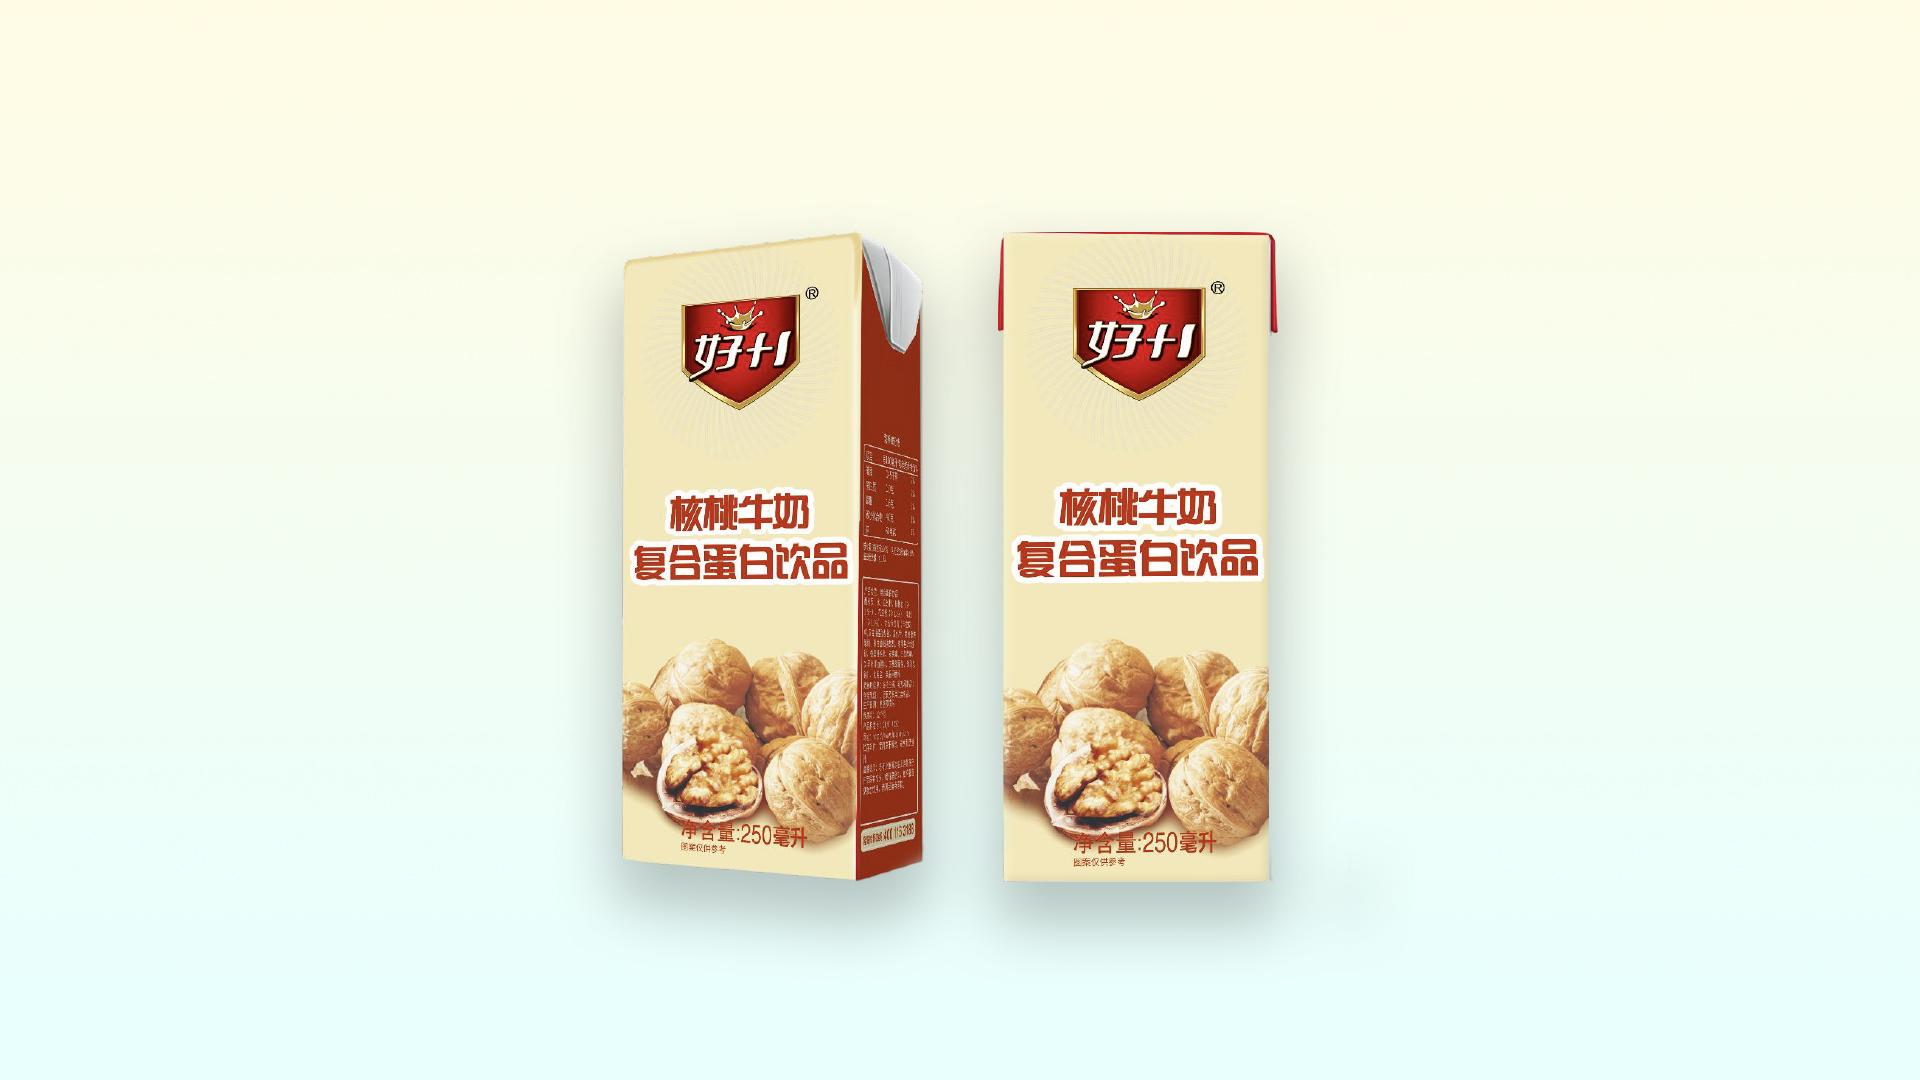 好加一核桃牛奶复合蛋白.jpg